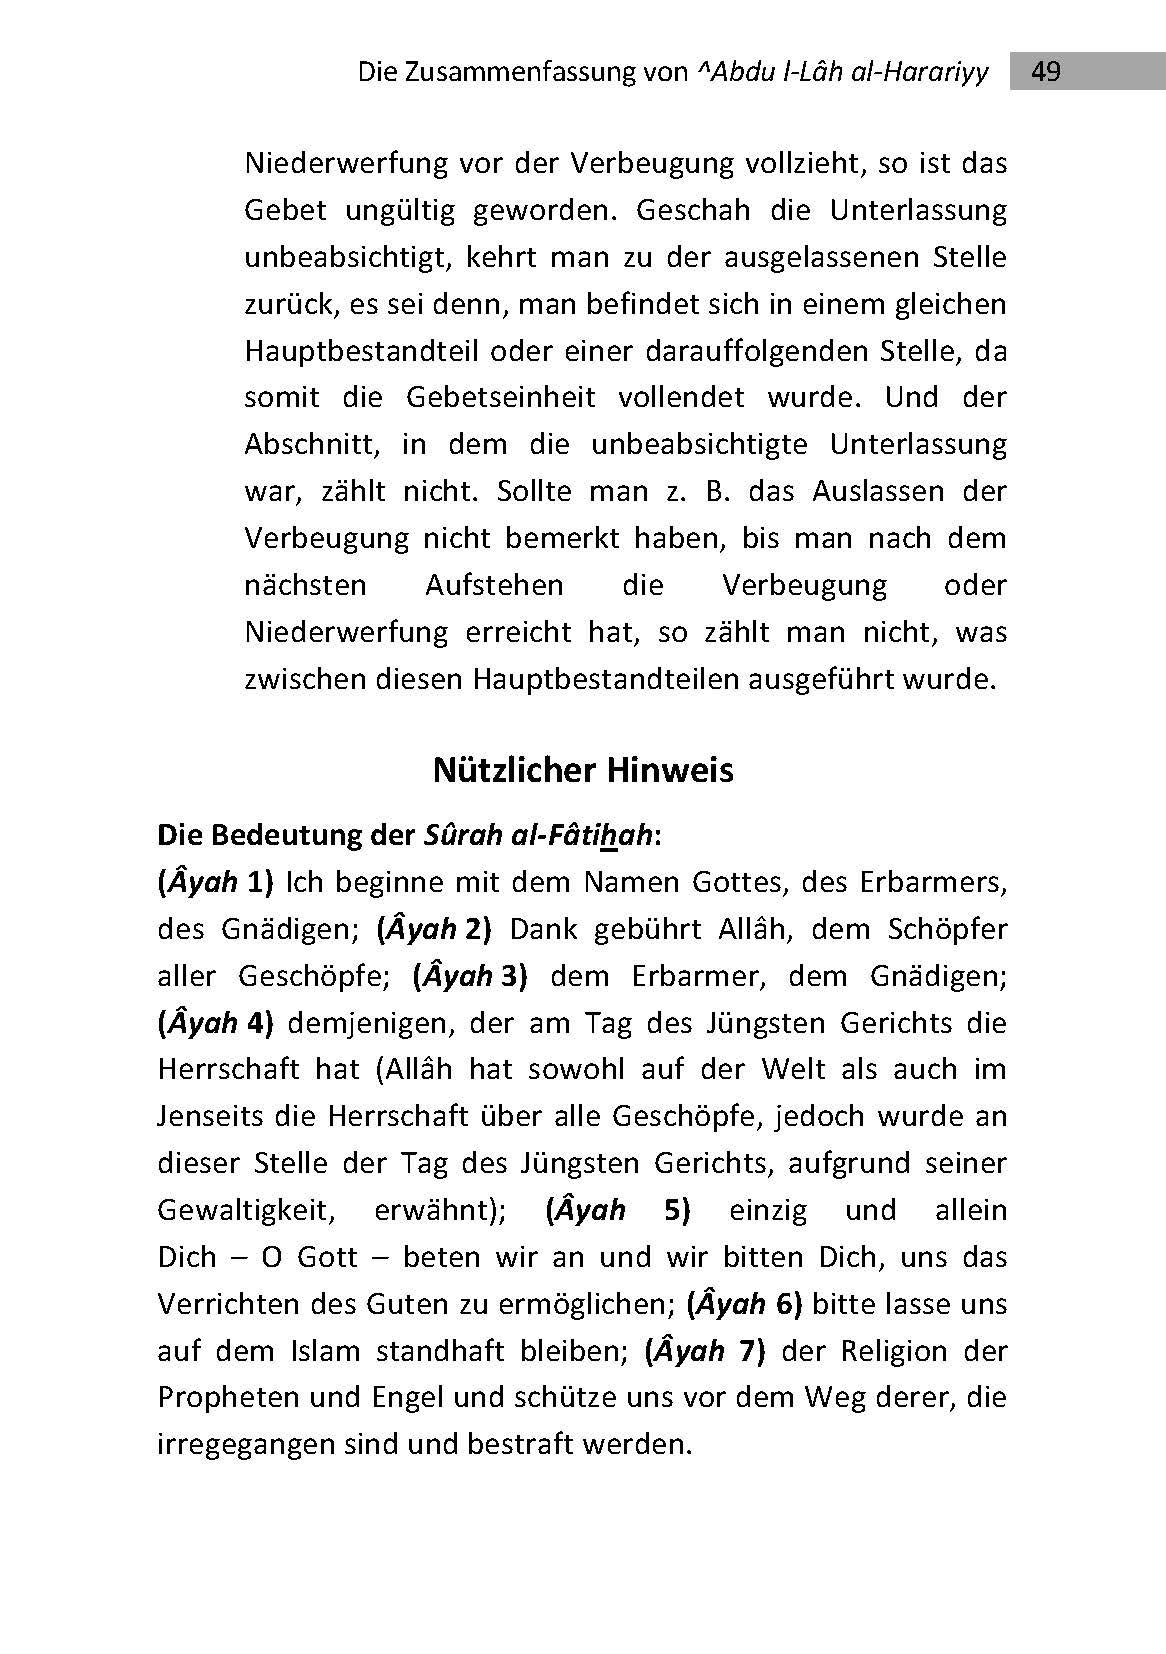 Die Zusammenfassung - 3. Auflage 2014_Seite_49